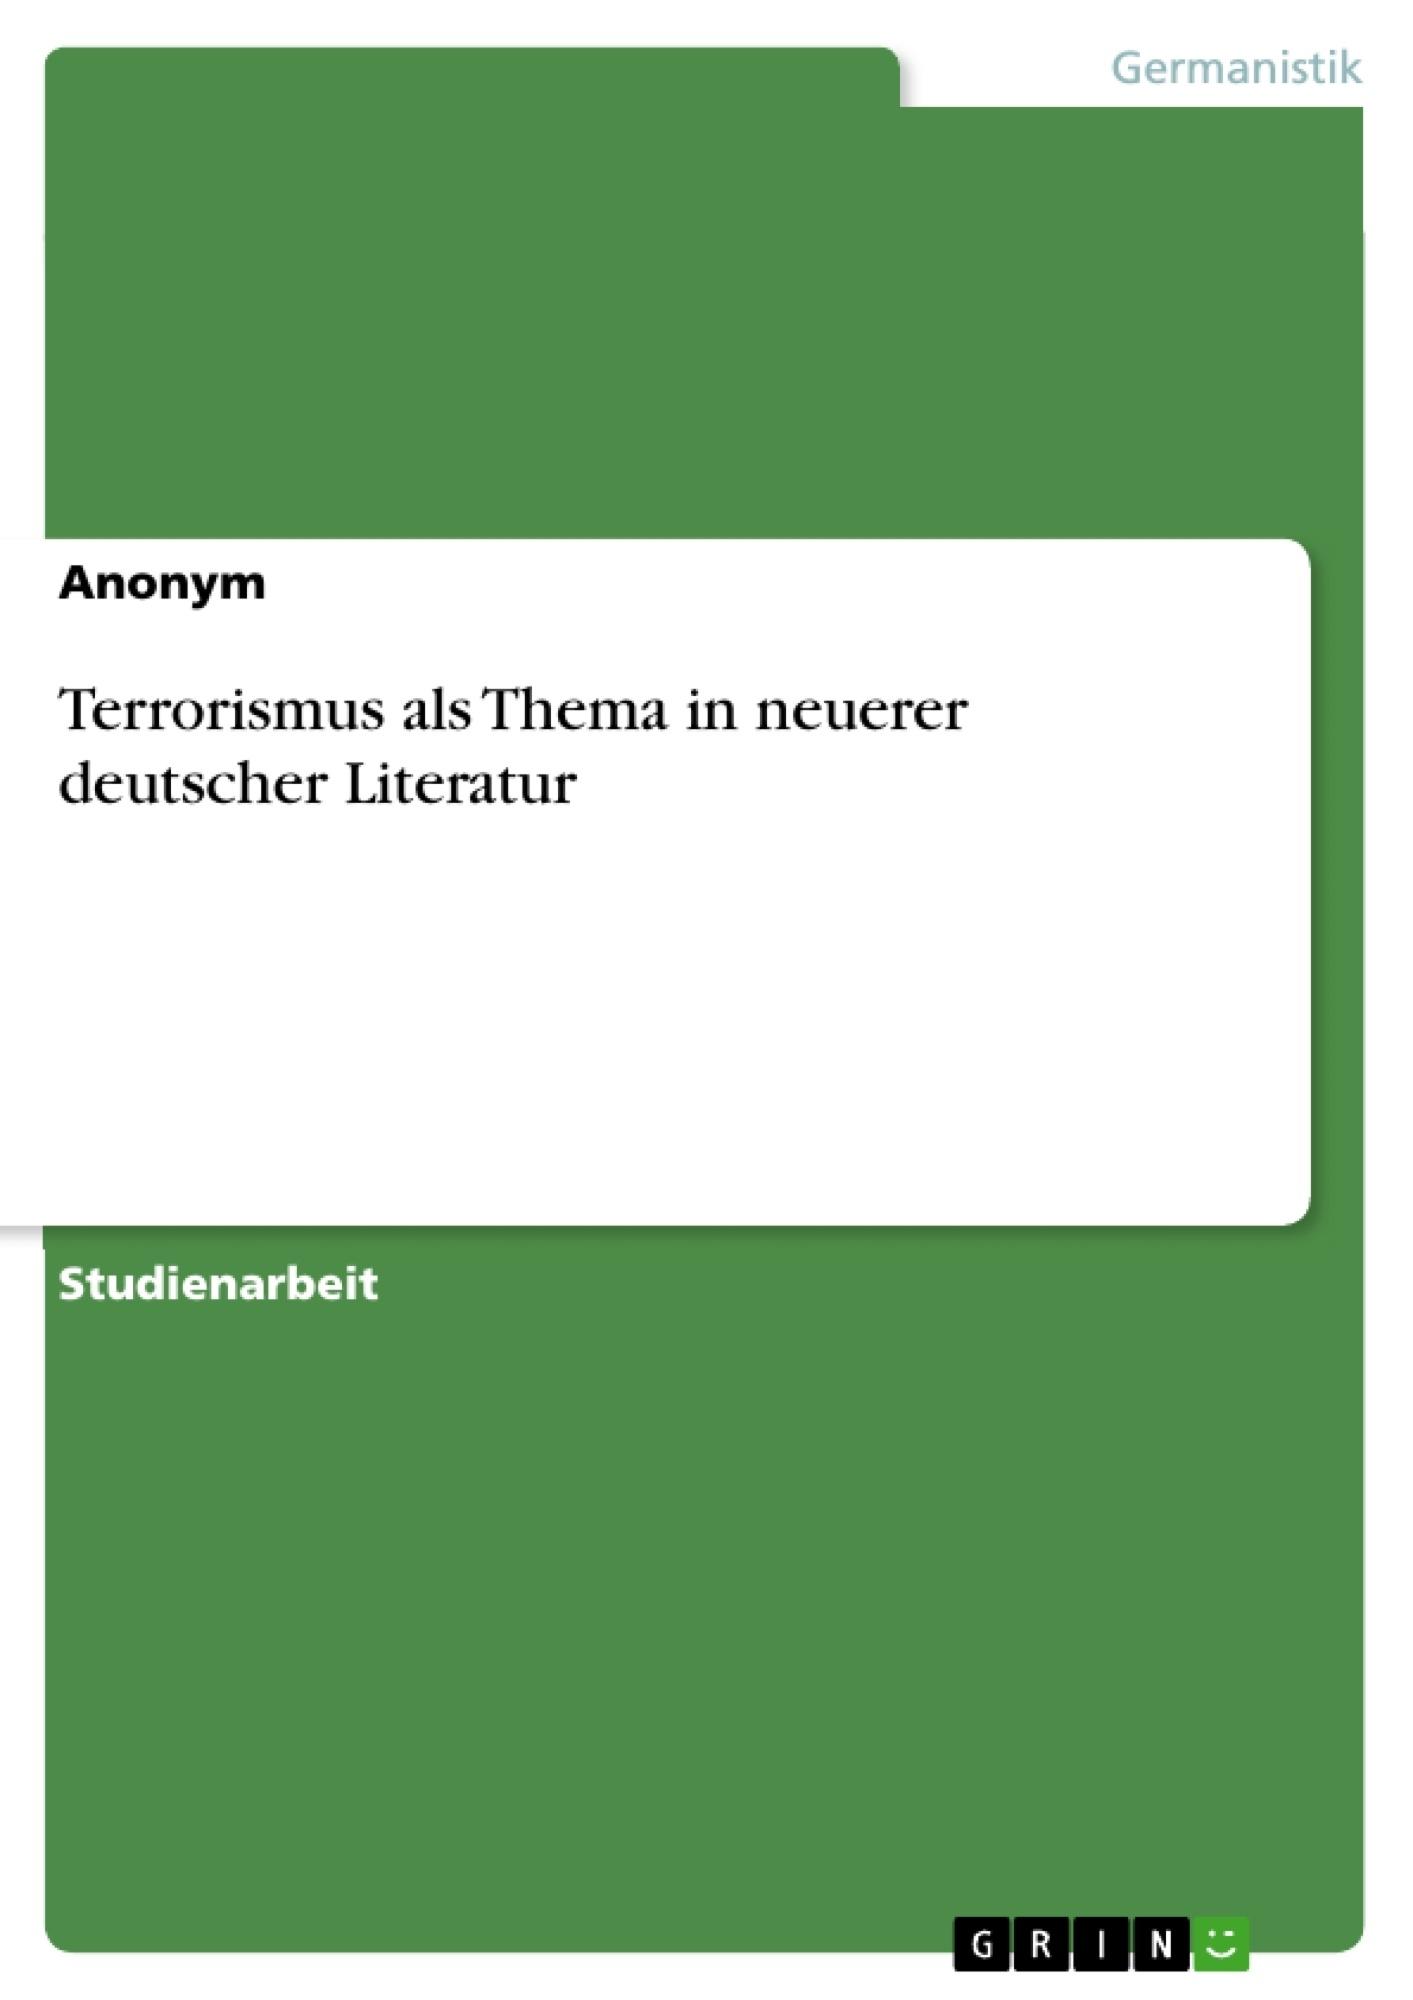 Titel: Terrorismus als Thema in neuerer deutscher Literatur